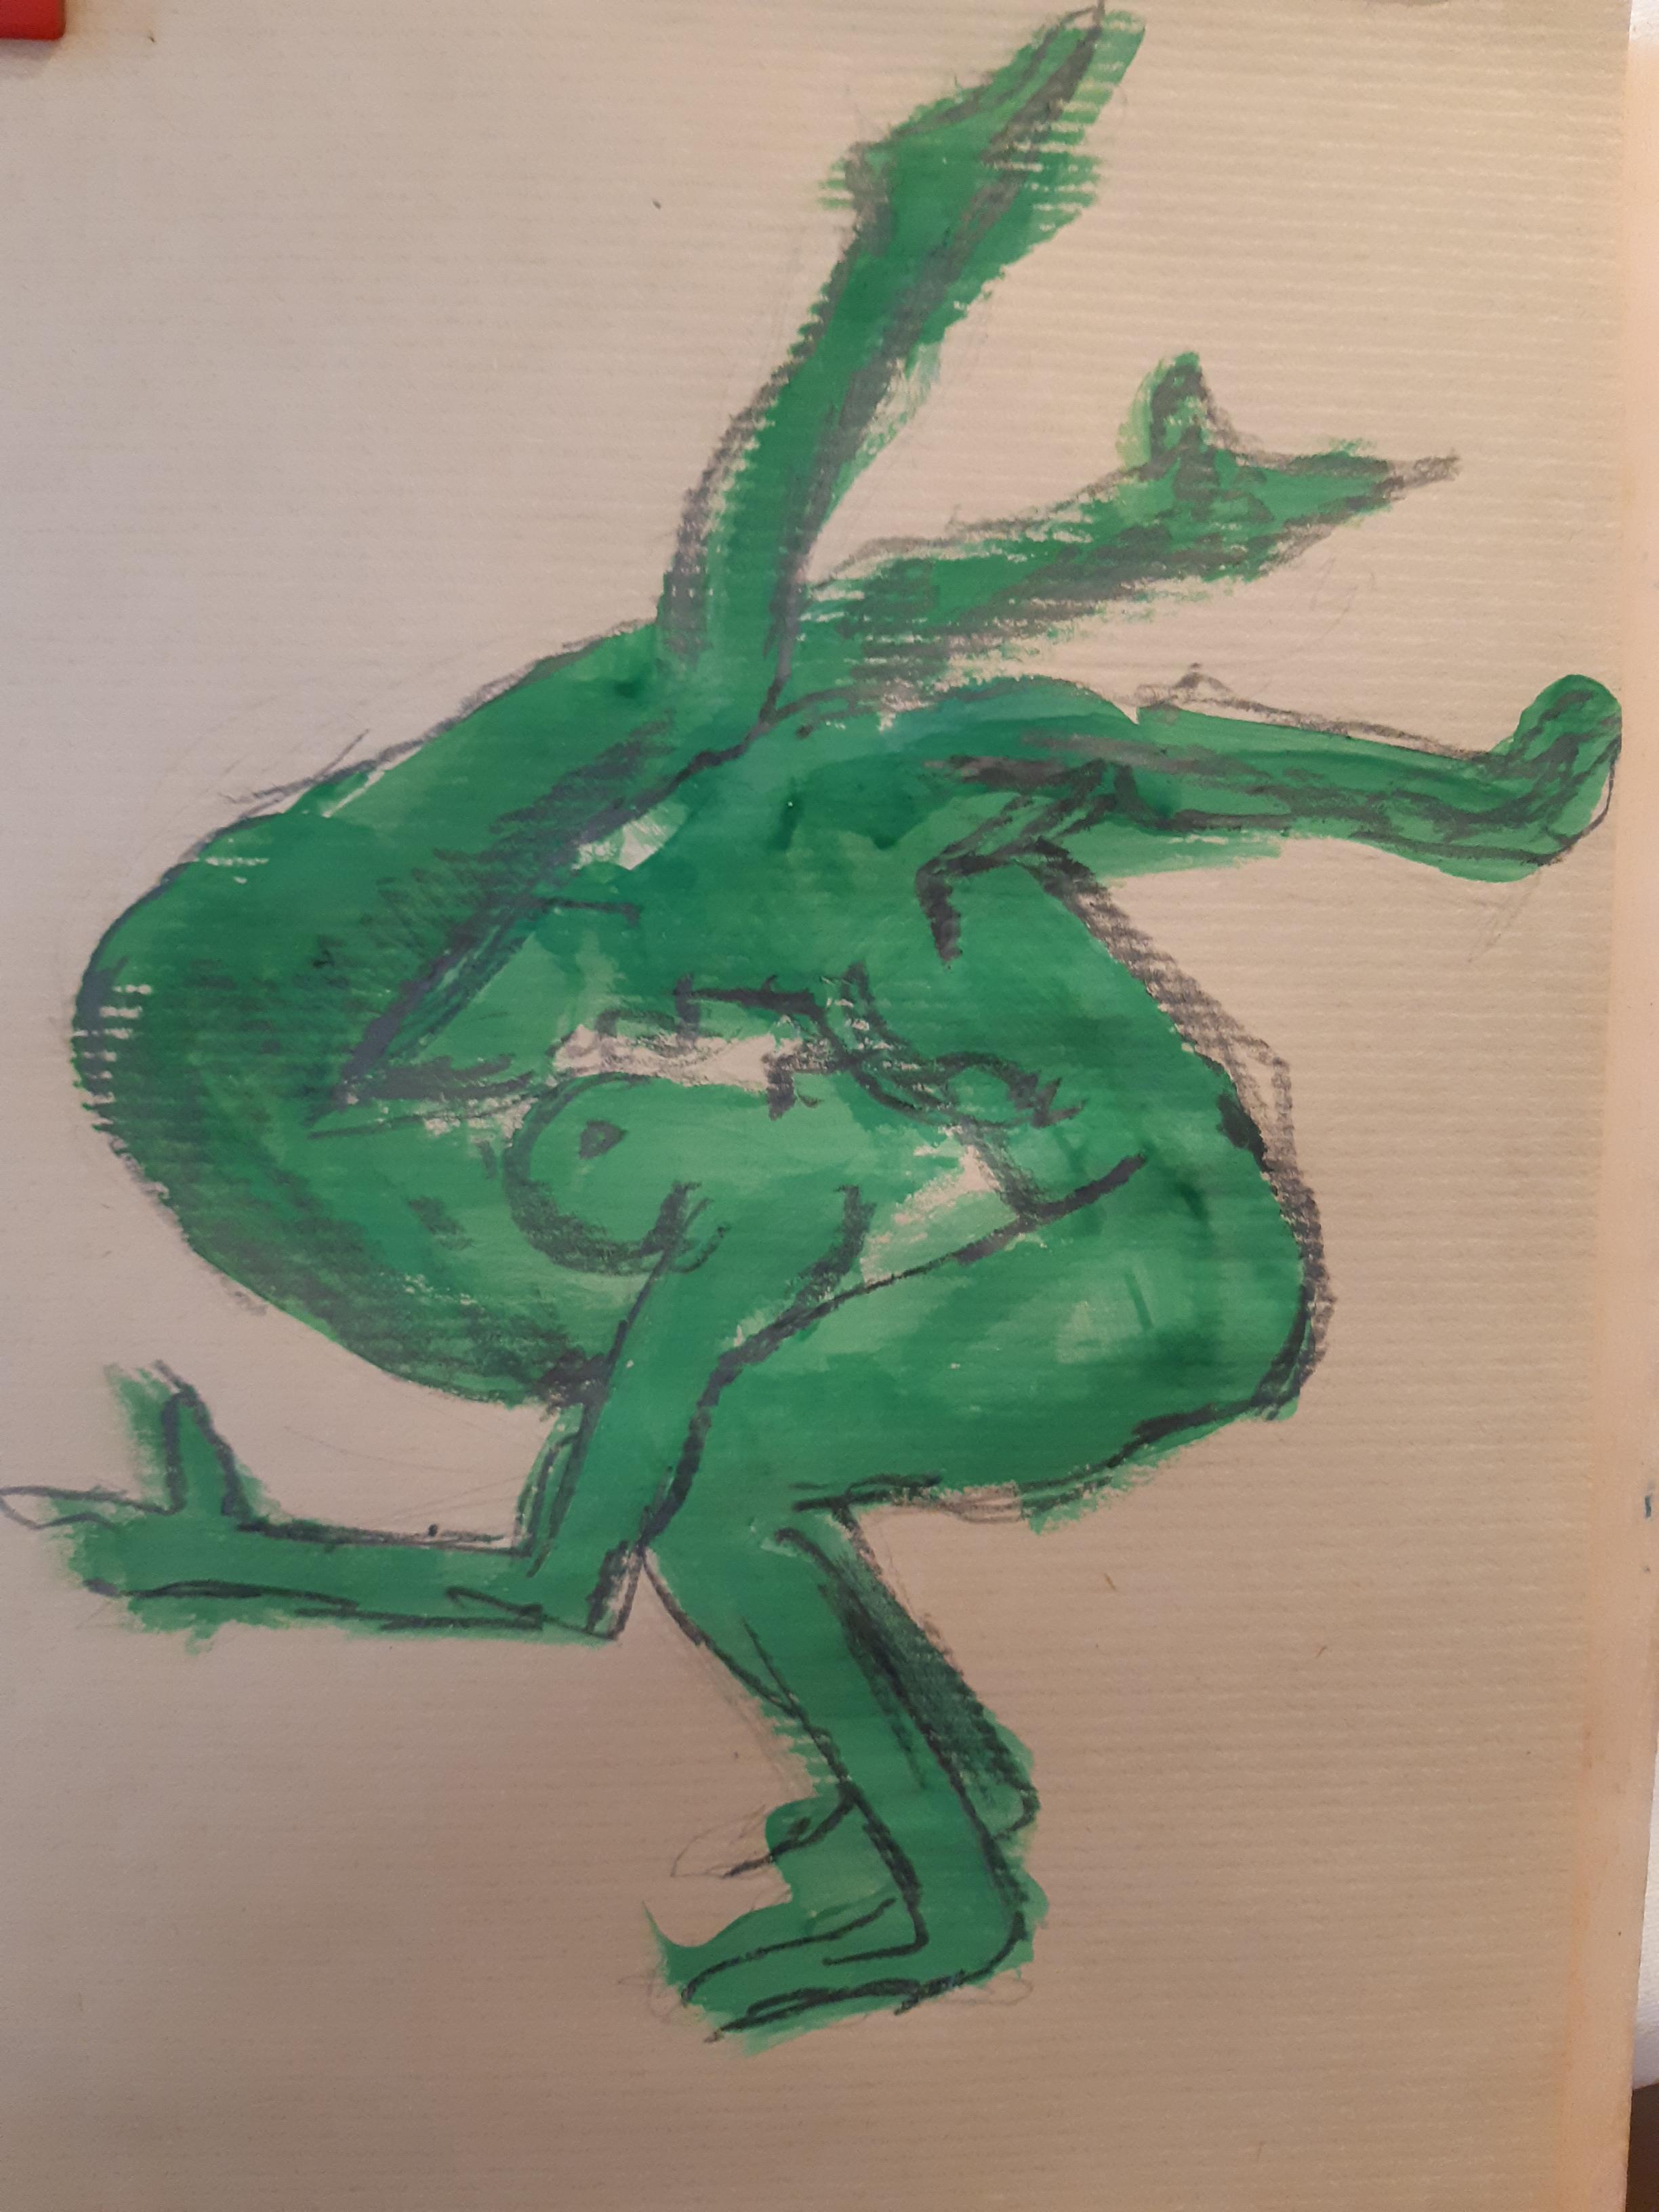 Mie de l'androgyne peinture verte sur papier Kraft  cours de dessin